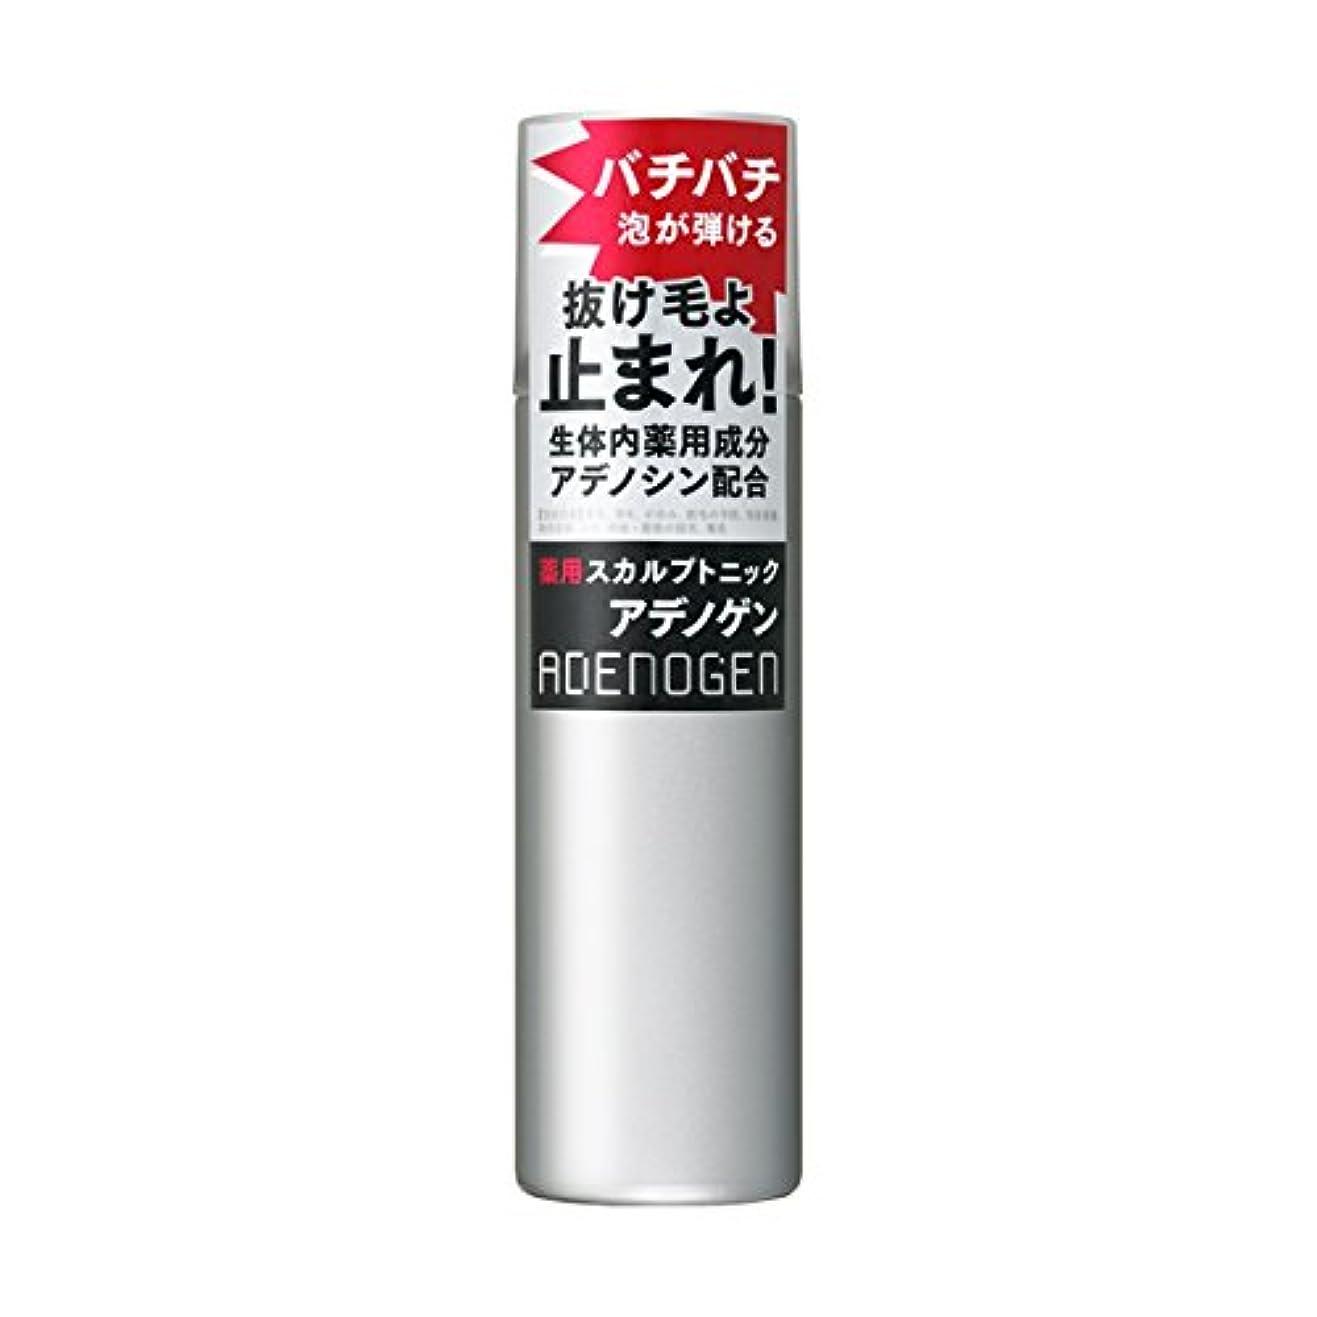 死傷者クモ弾丸アデノゲン 薬用スカルプトニック 130g 【医薬部外品】